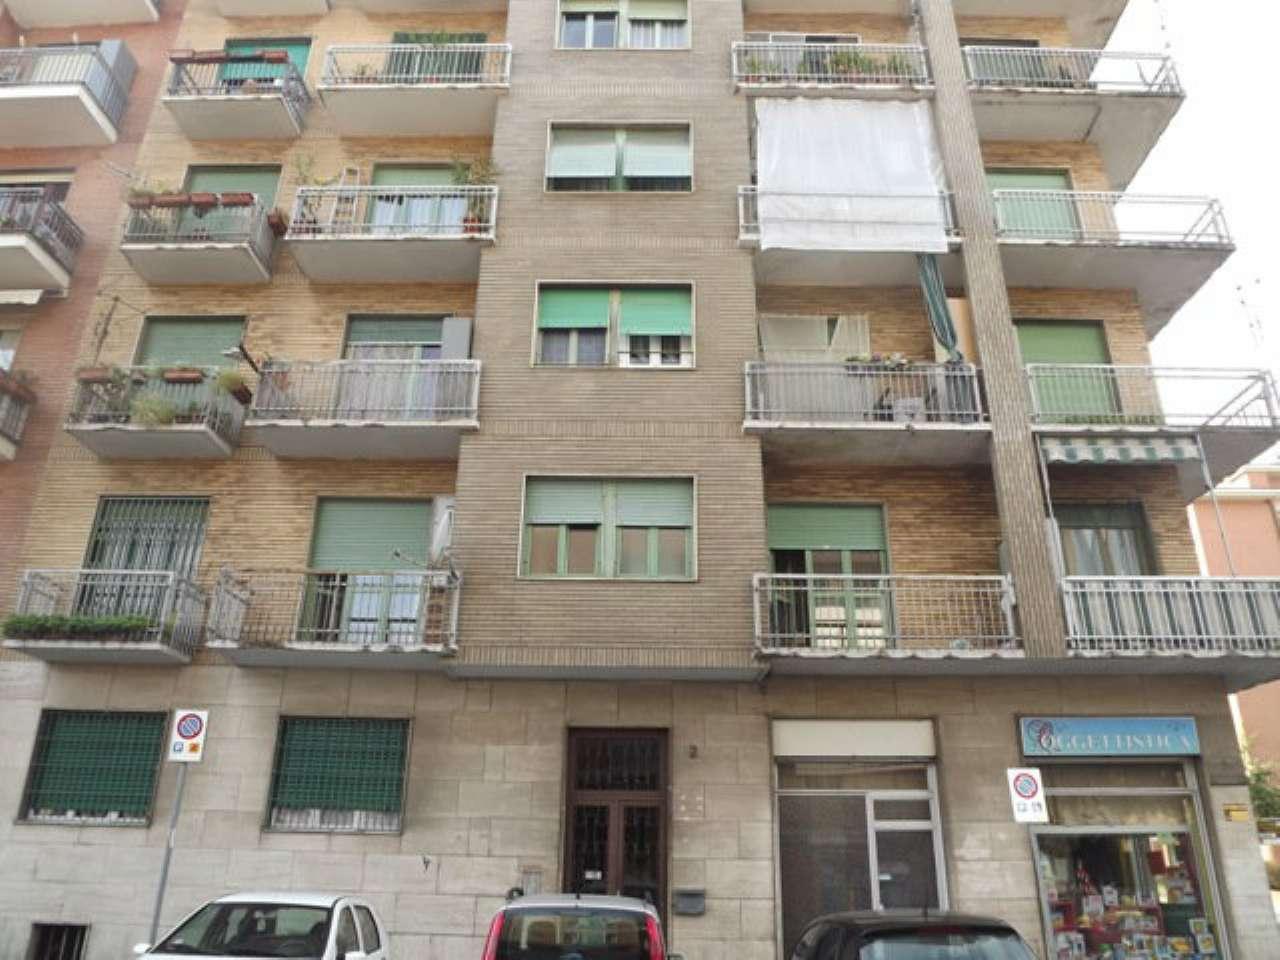 Appartamento in vendita a Nichelino, 3 locali, prezzo € 98.000   CambioCasa.it